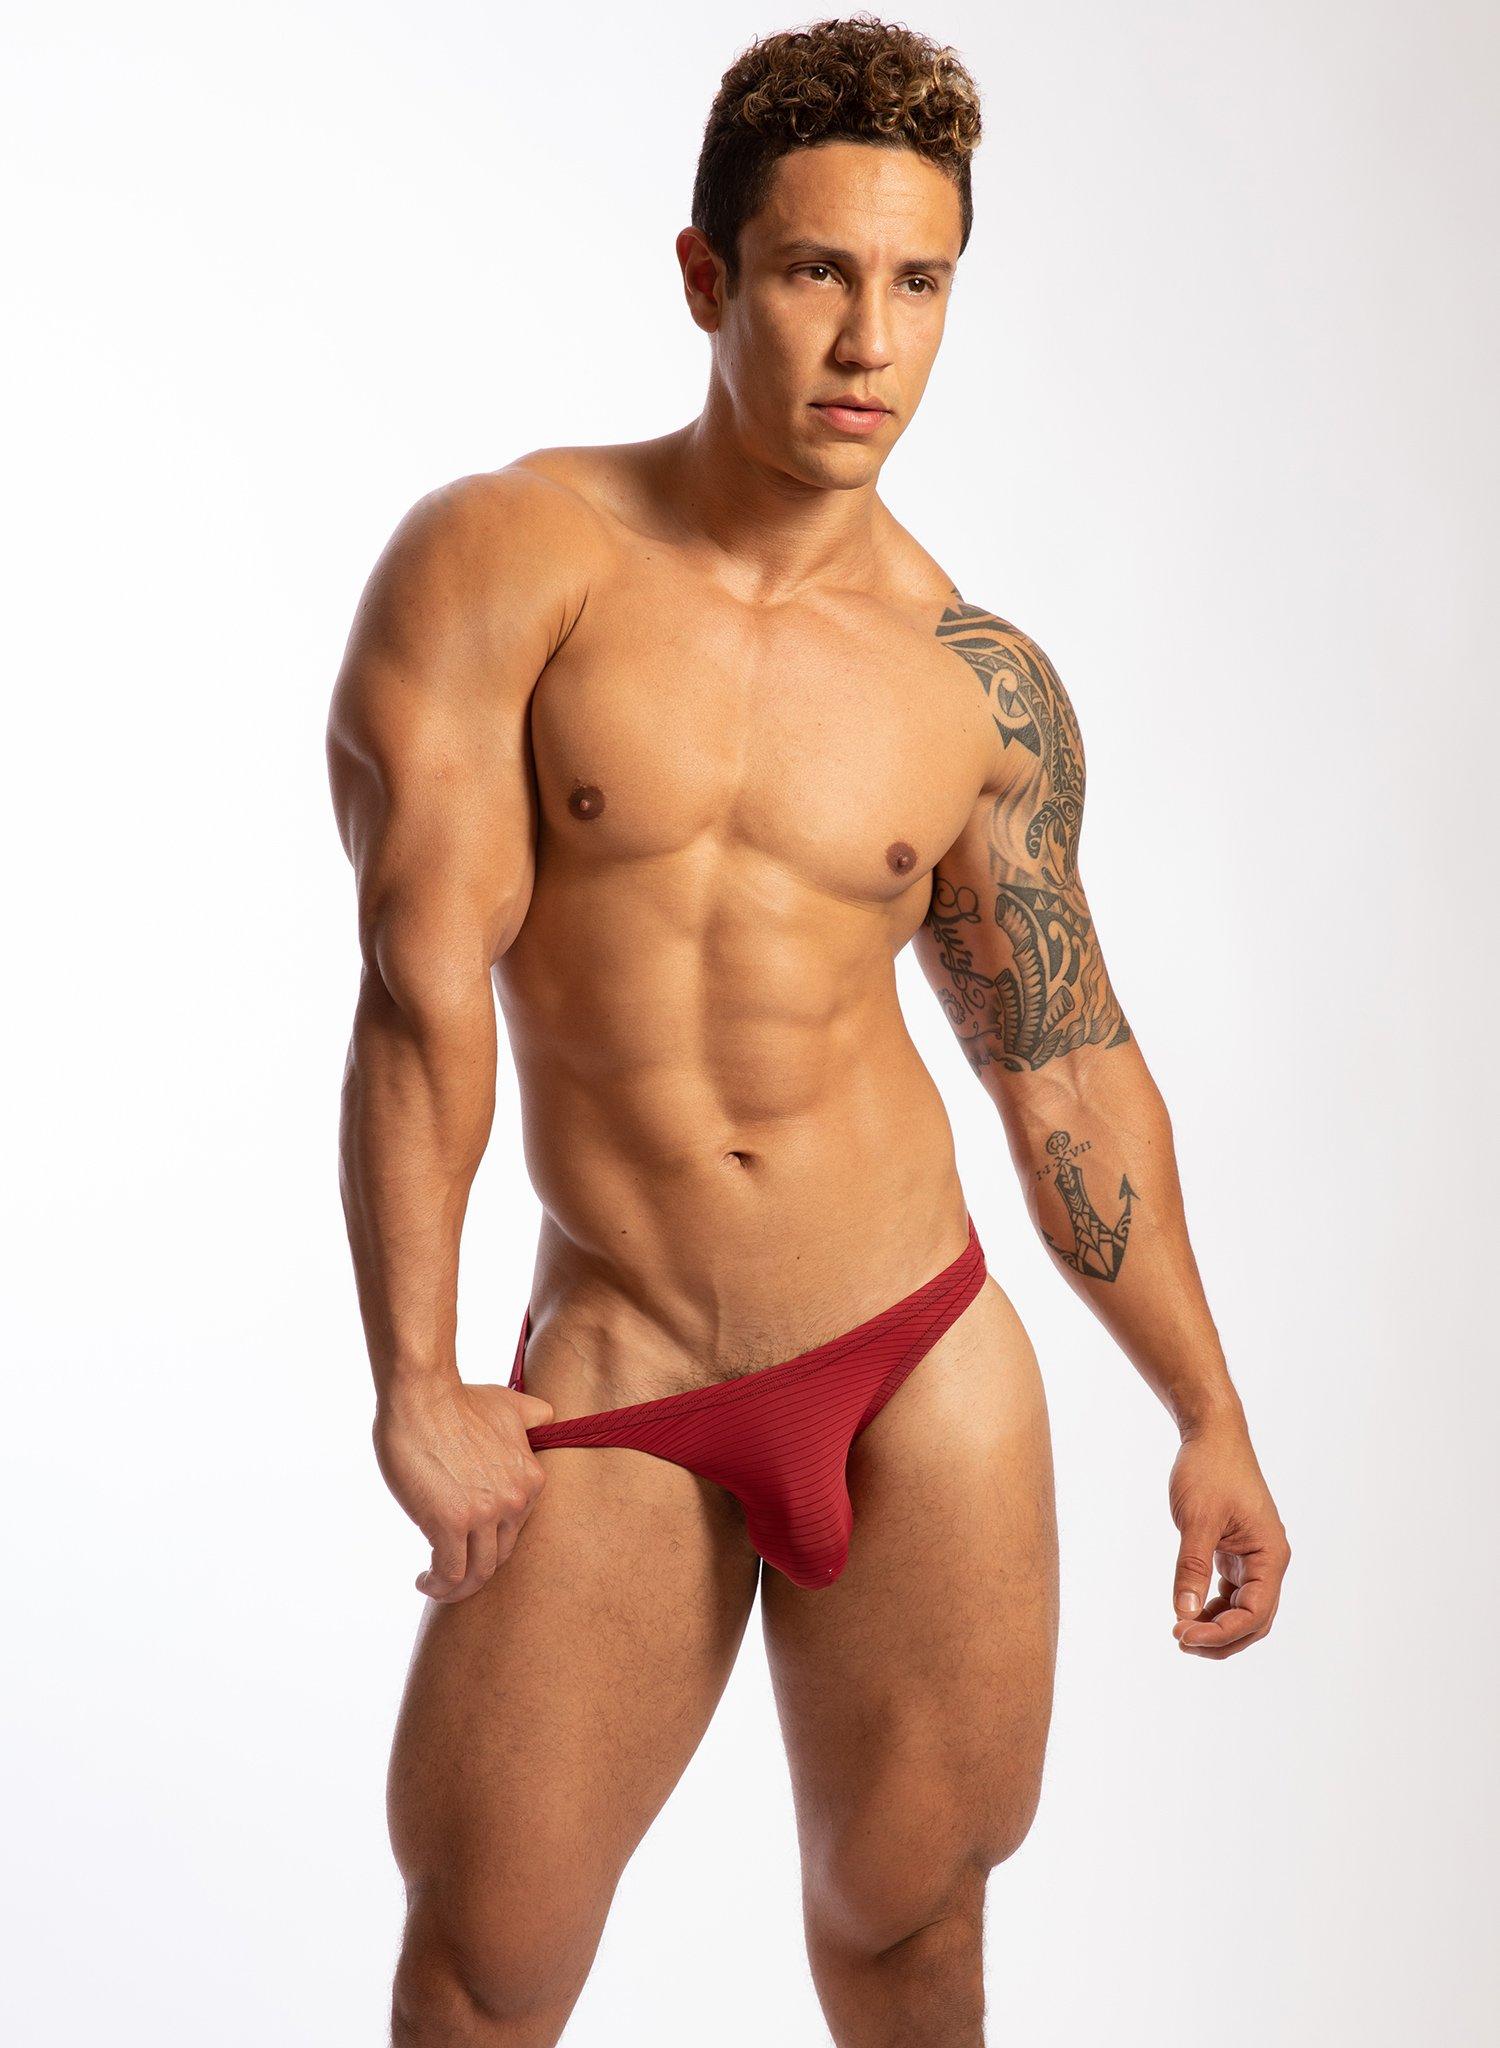 N2N Bodywear New Paramore Swim Thong and Bikin